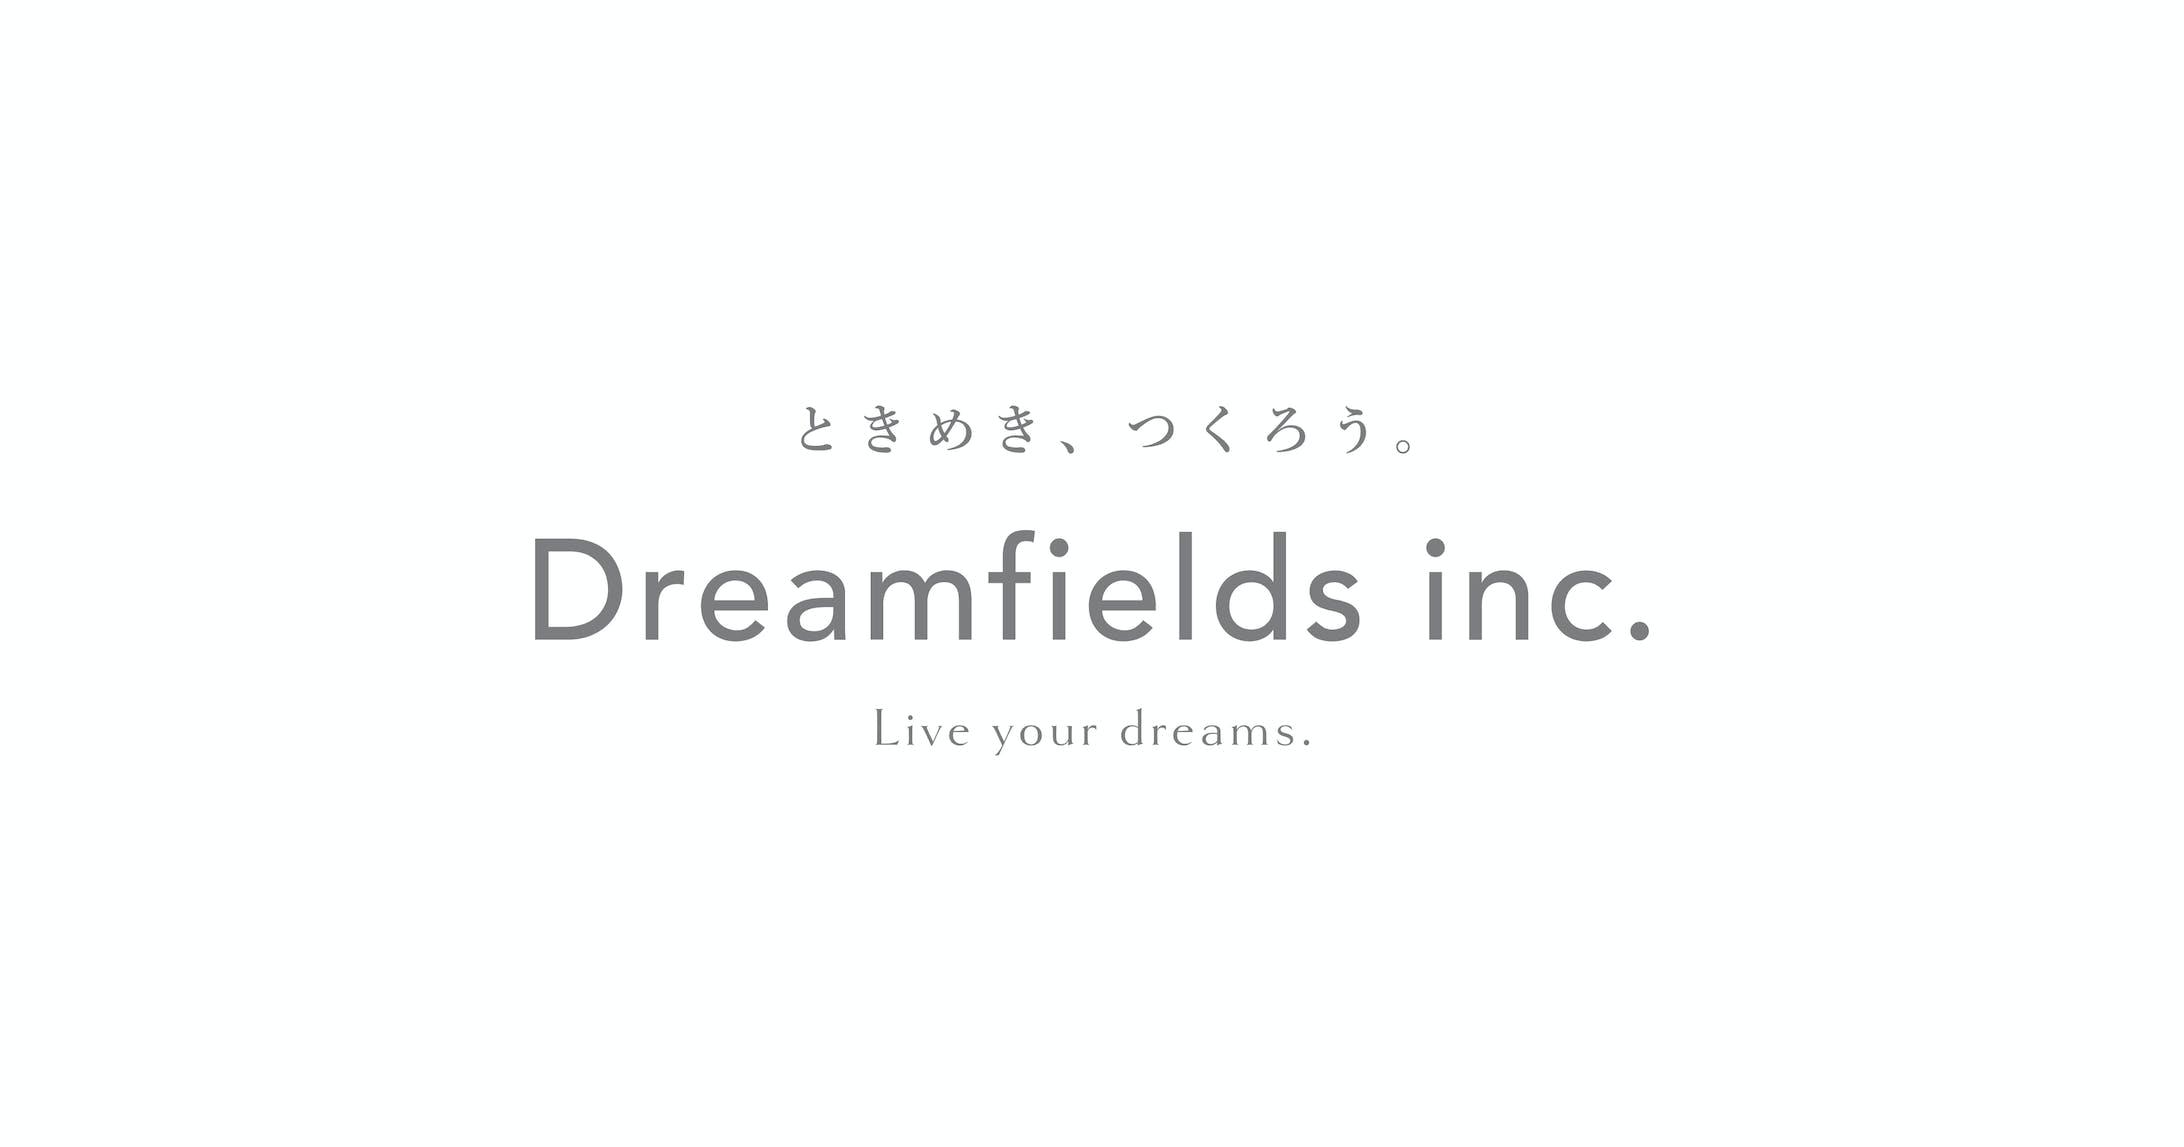 Dreamfields Corporate Renewal-1